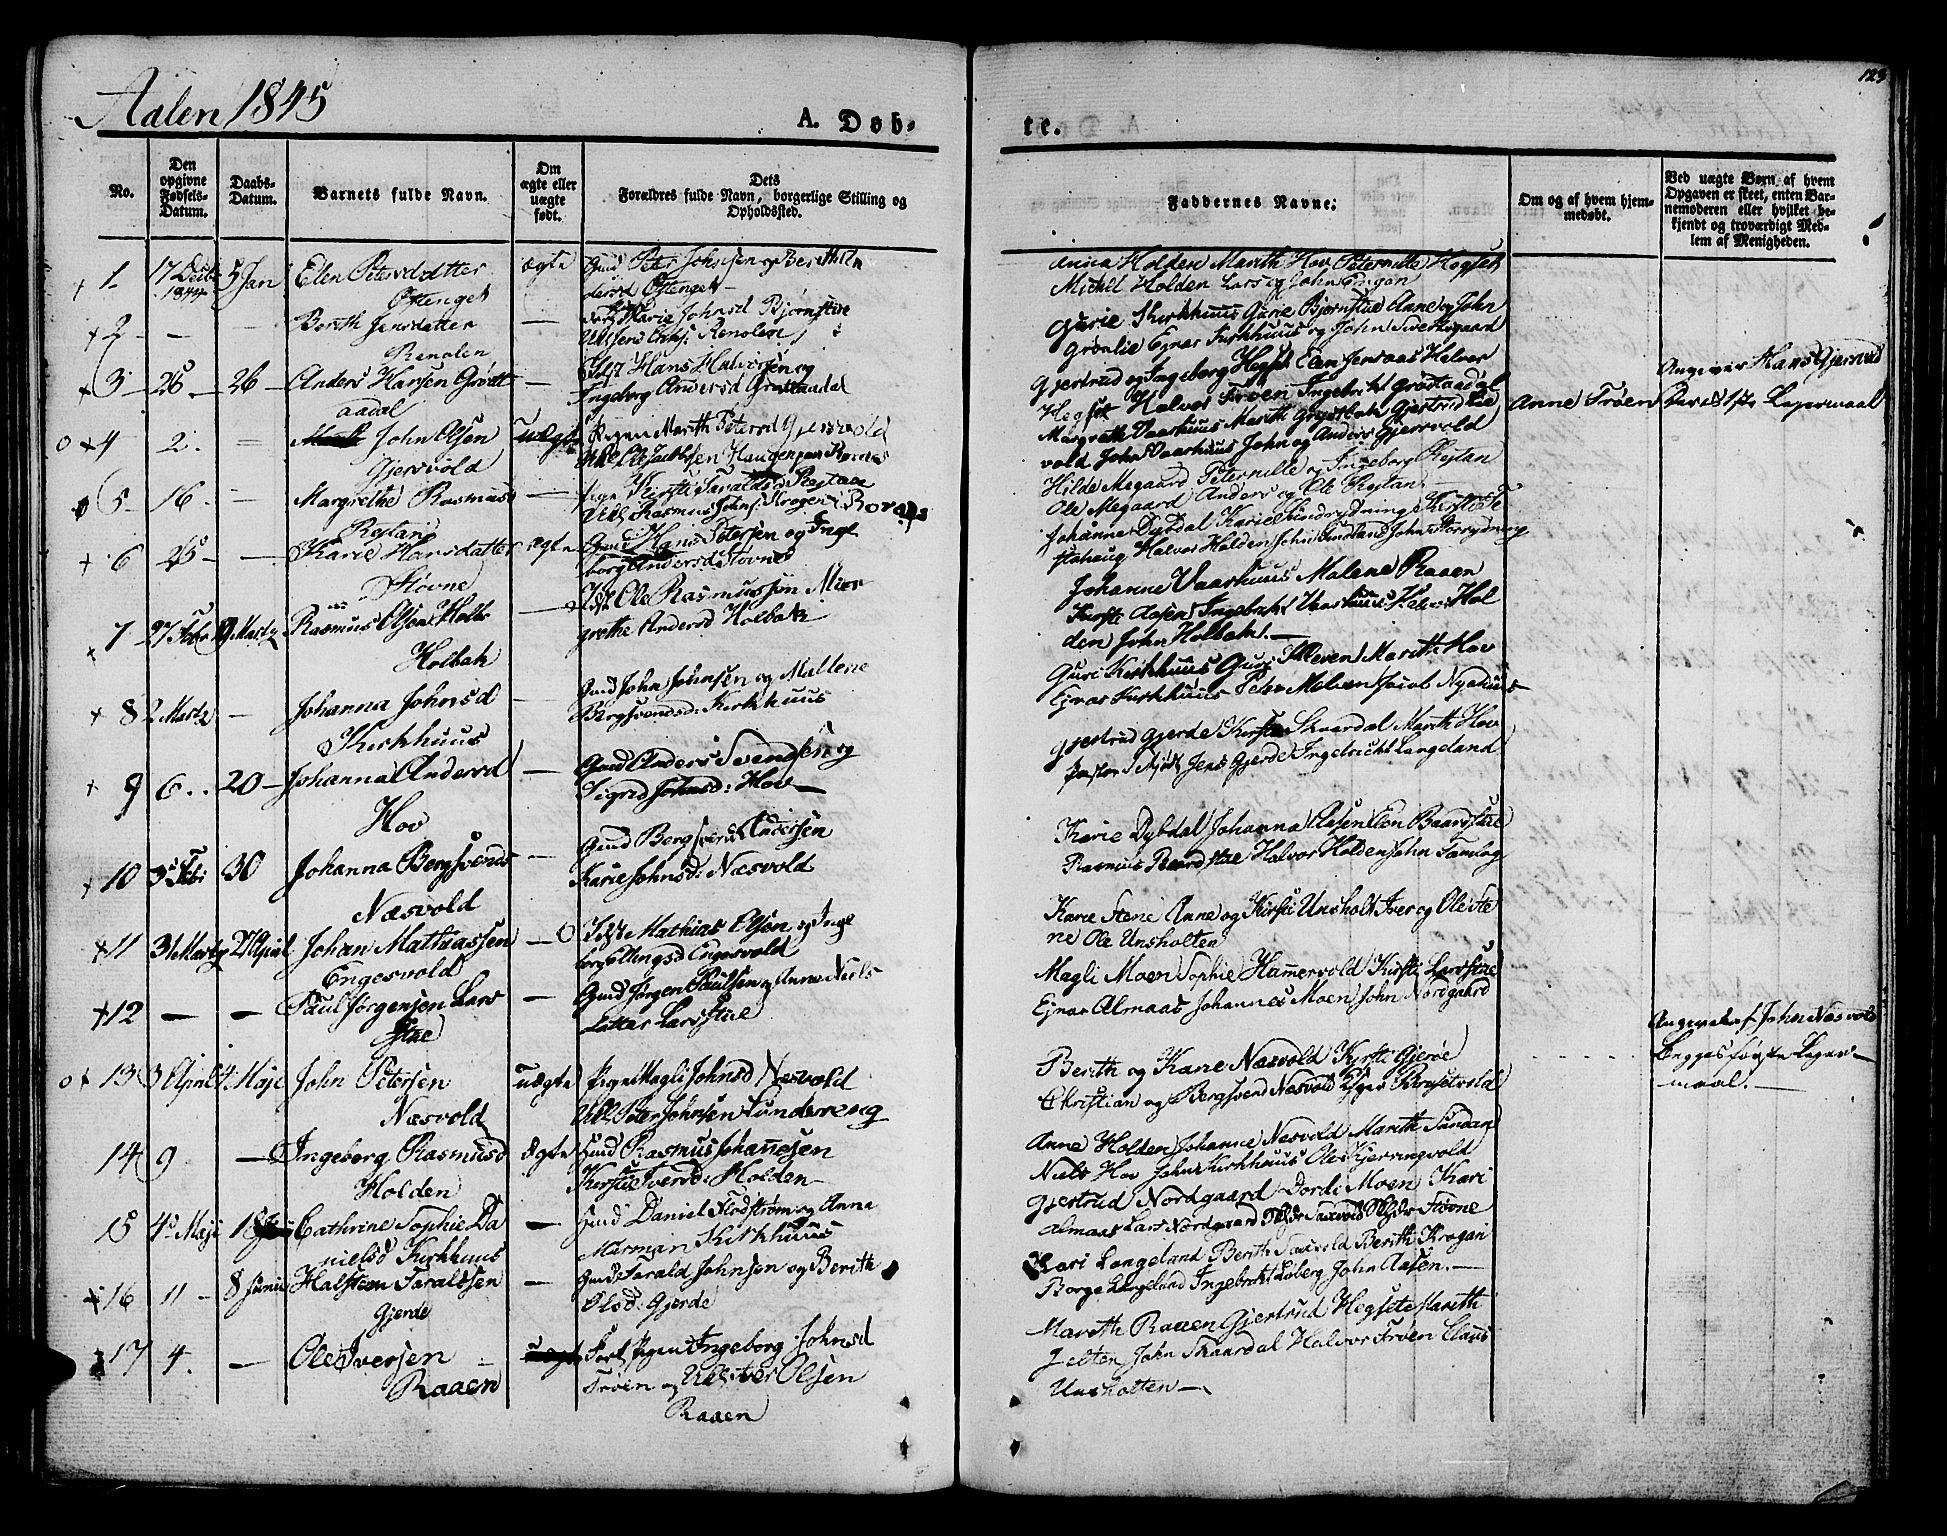 SAT, Ministerialprotokoller, klokkerbøker og fødselsregistre - Sør-Trøndelag, 685/L0959: Ministerialbok nr. 685A04 /3, 1829-1845, s. 123